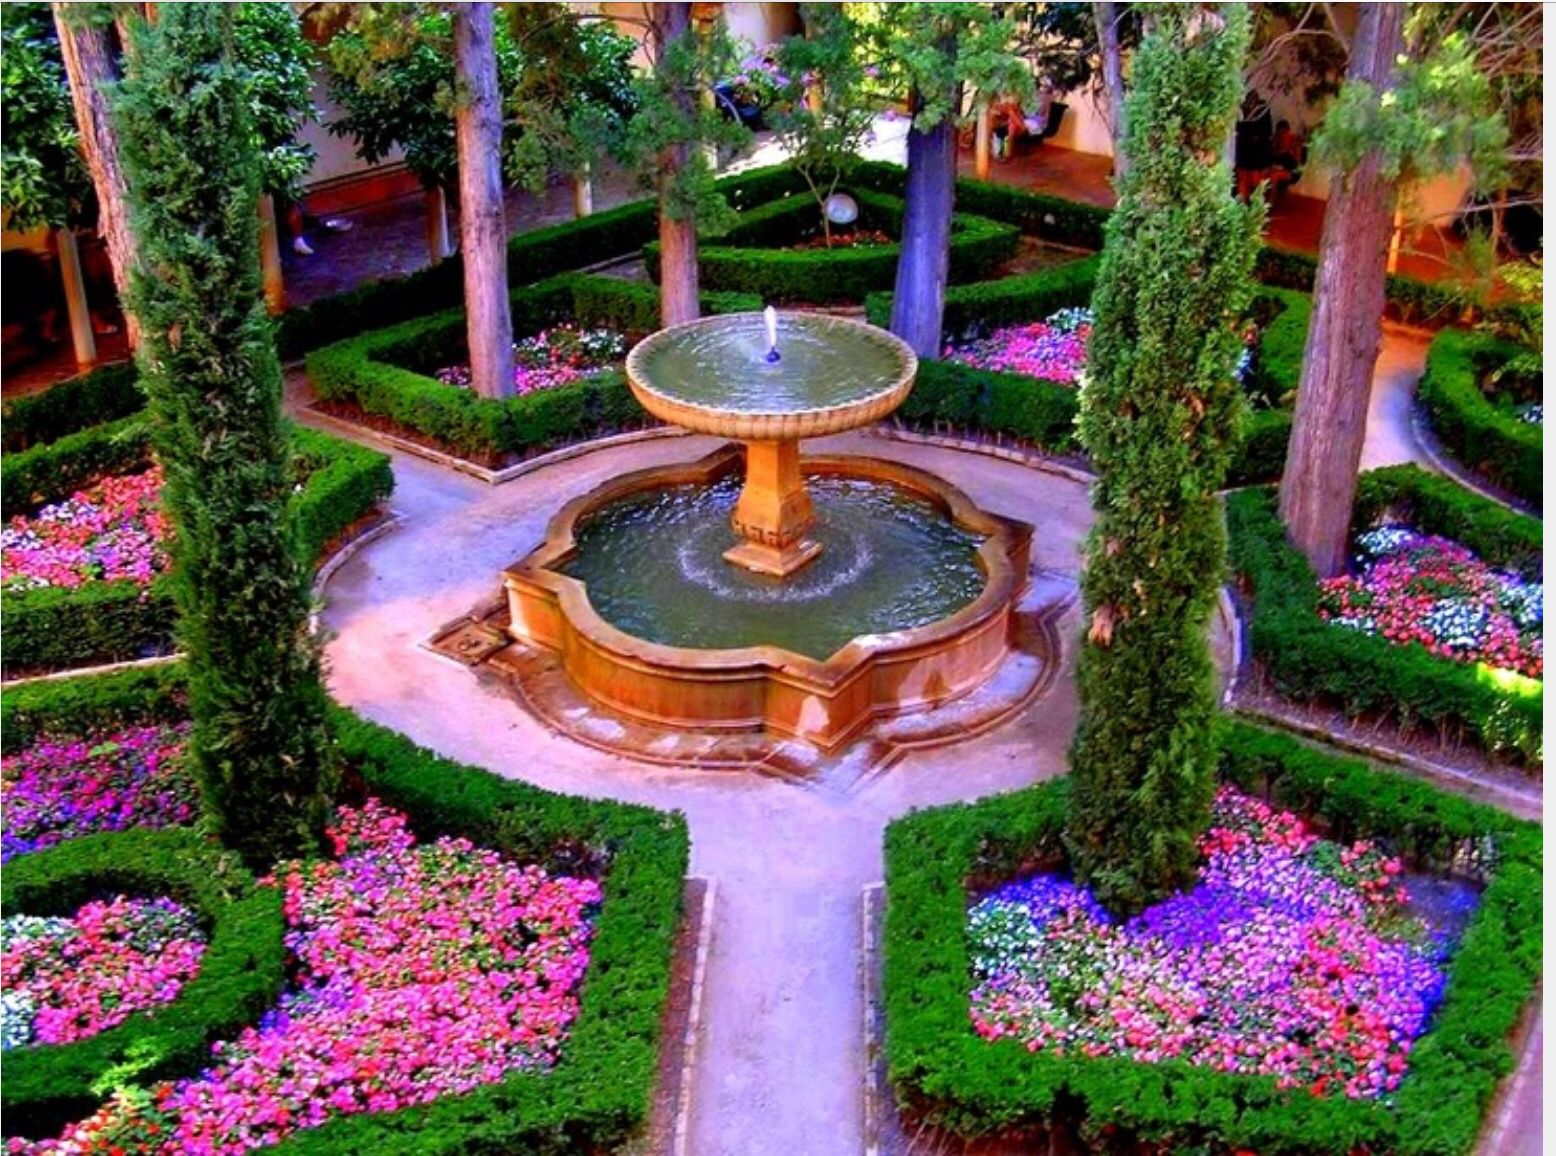 Los jardines en espa a ten an muchas flores con muchas - Jardines con rosas ...